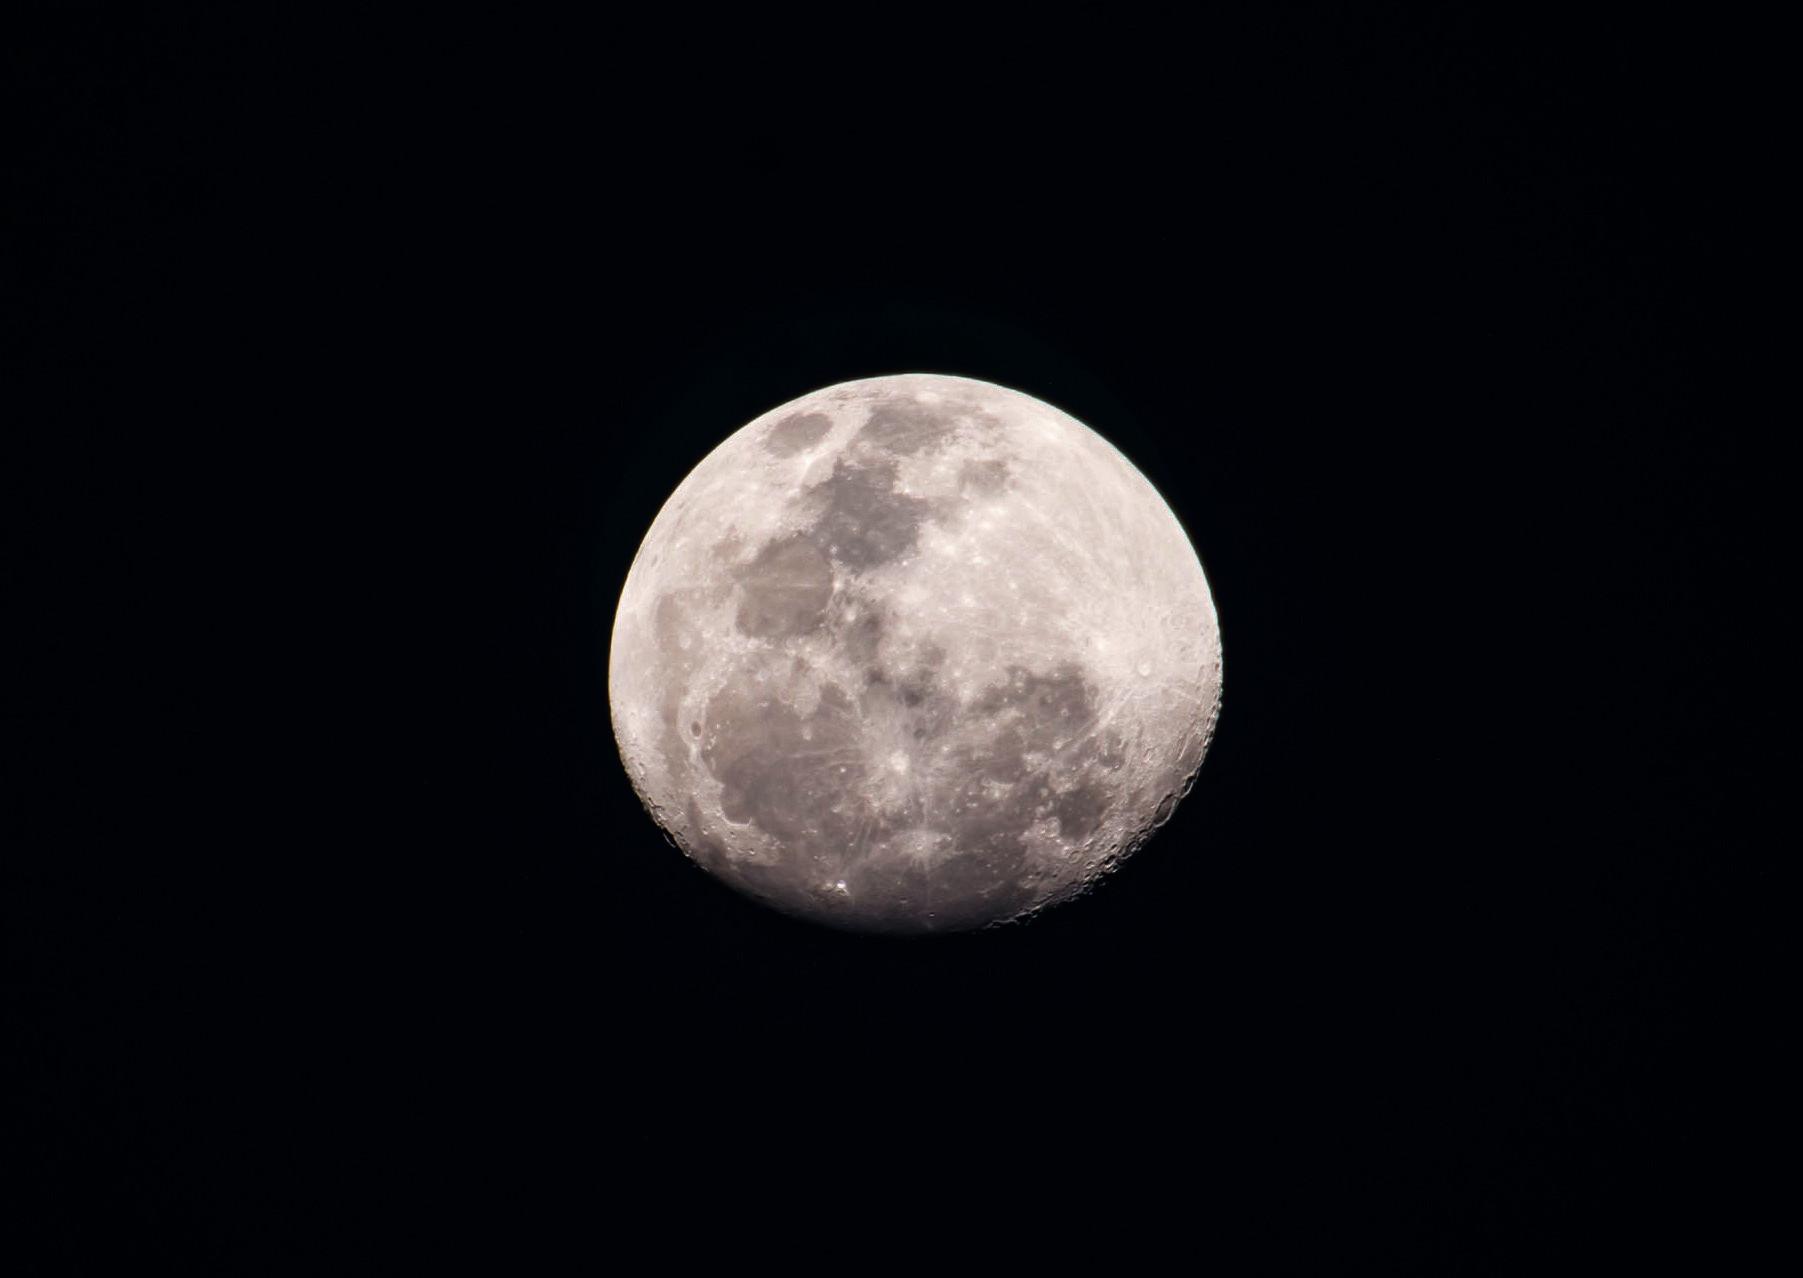 Почему на космических фотографиях не видно звёзд? - 14